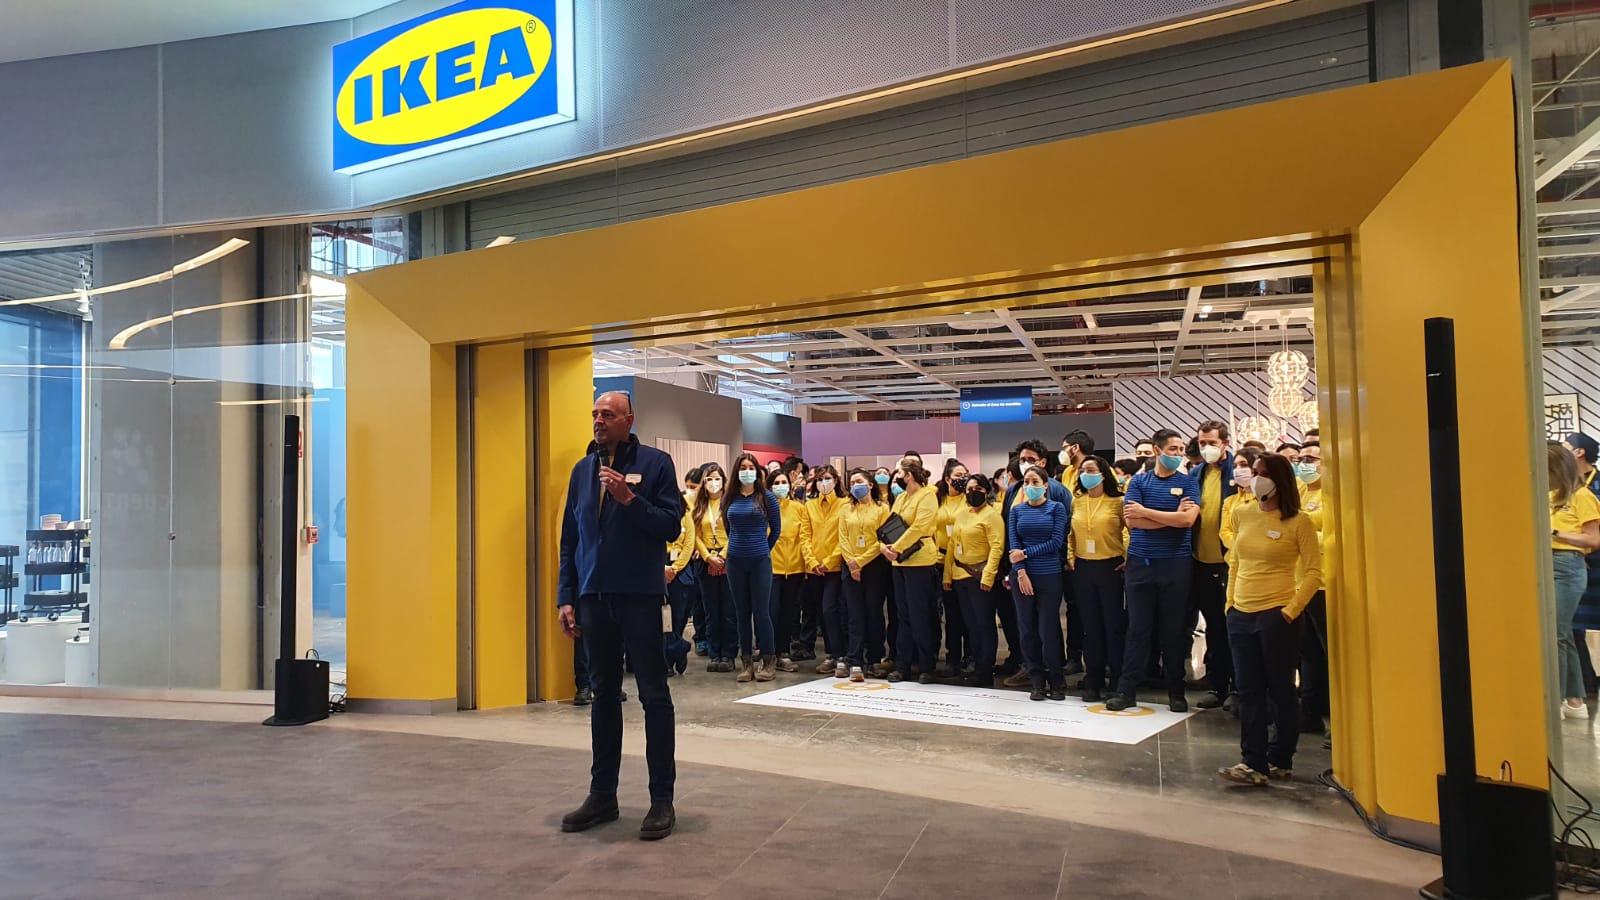 Euforia por visitar nuevas tiendas dan signos de reactivación de consumo interno